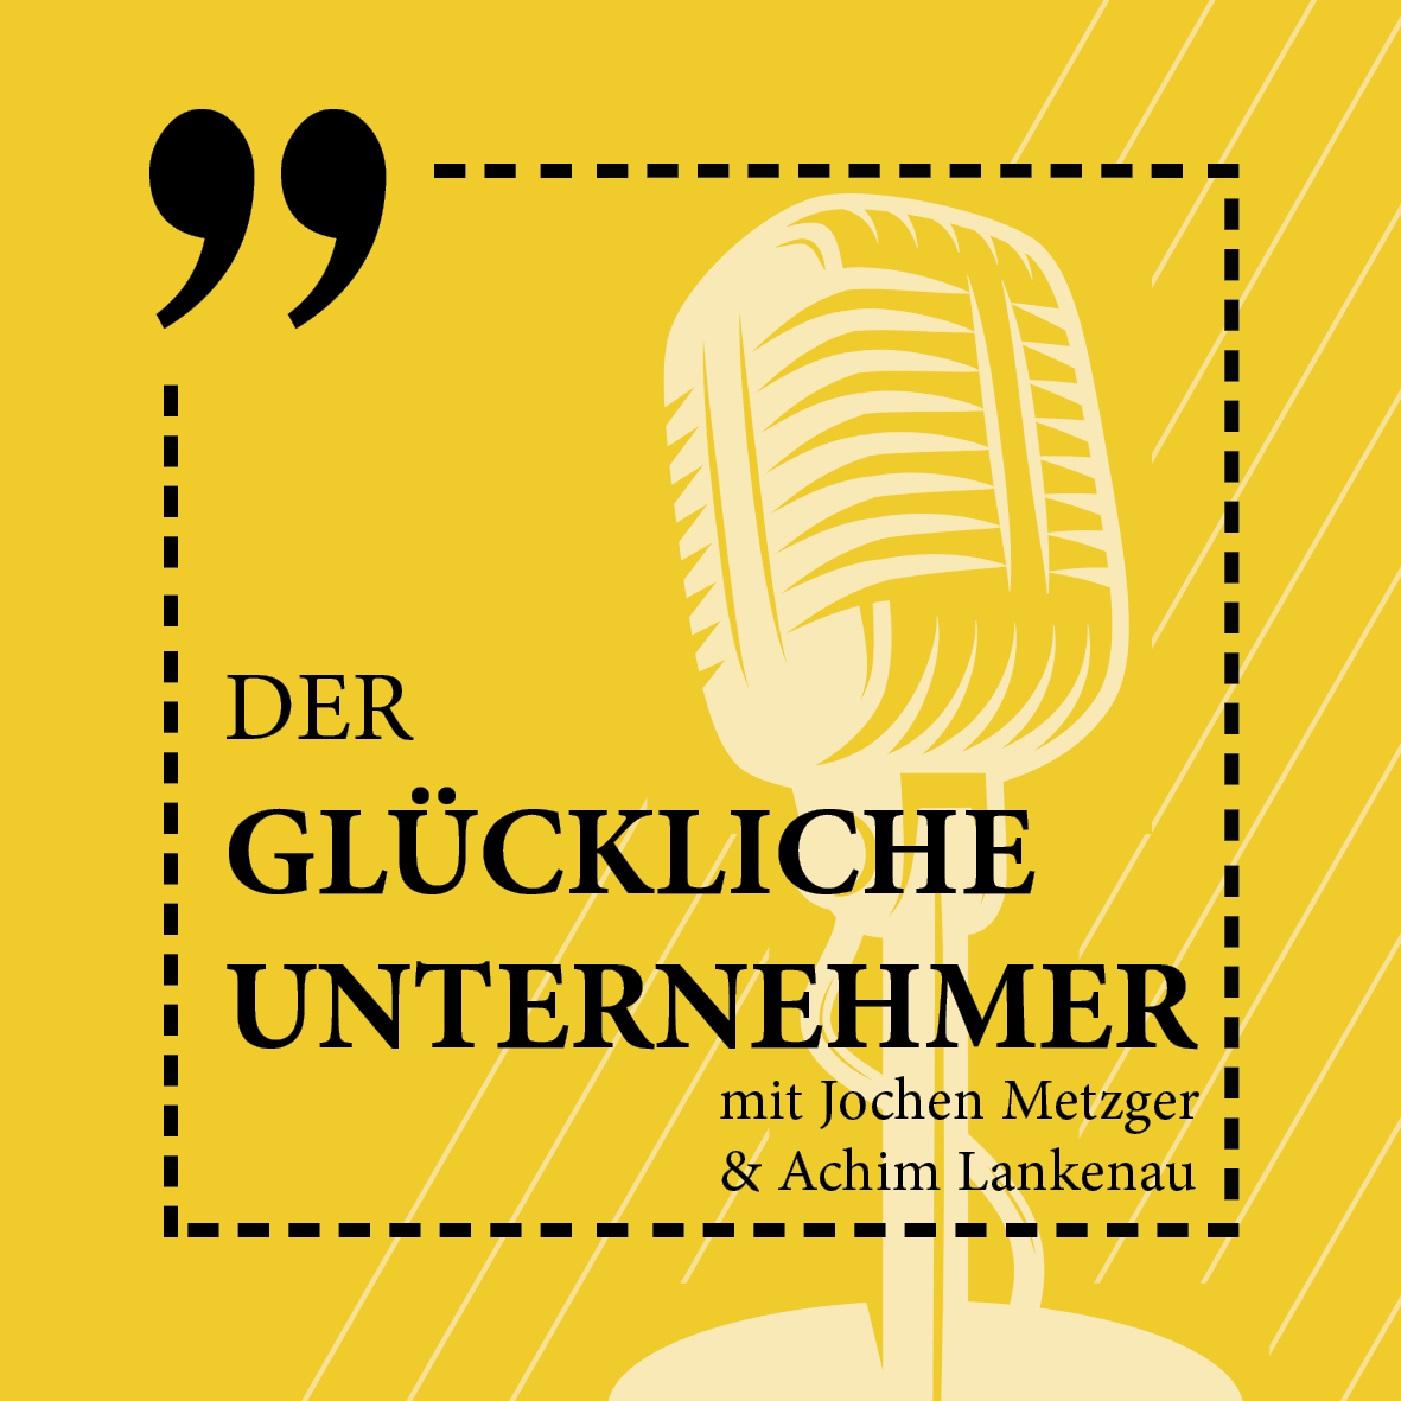 Der Glückliche Unternehmer Podcast show art